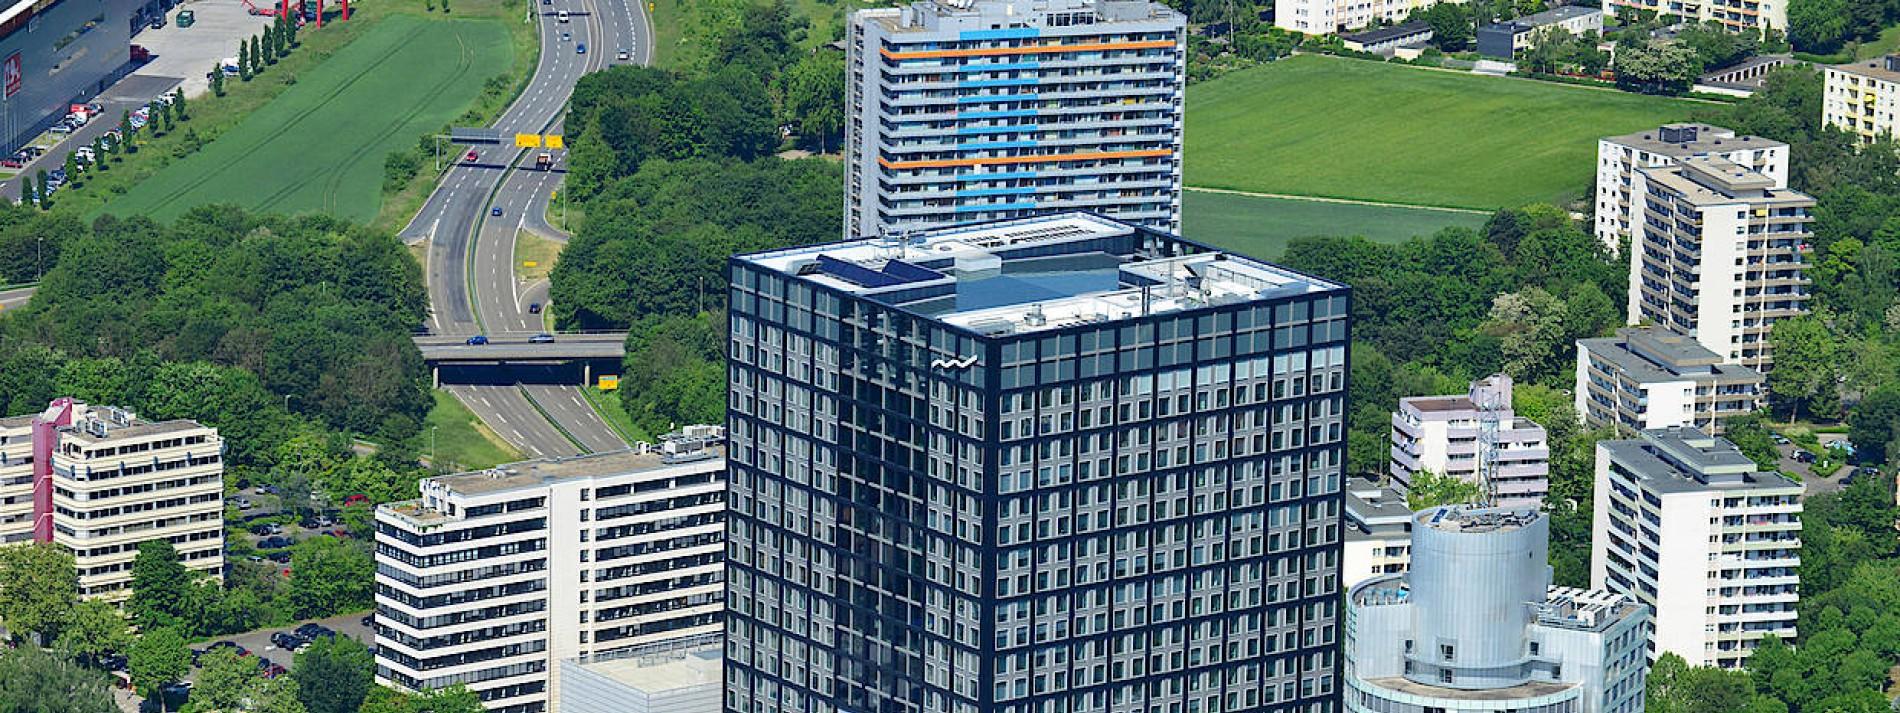 Deutsche Börse bleibt bis 2038 in Eschborn